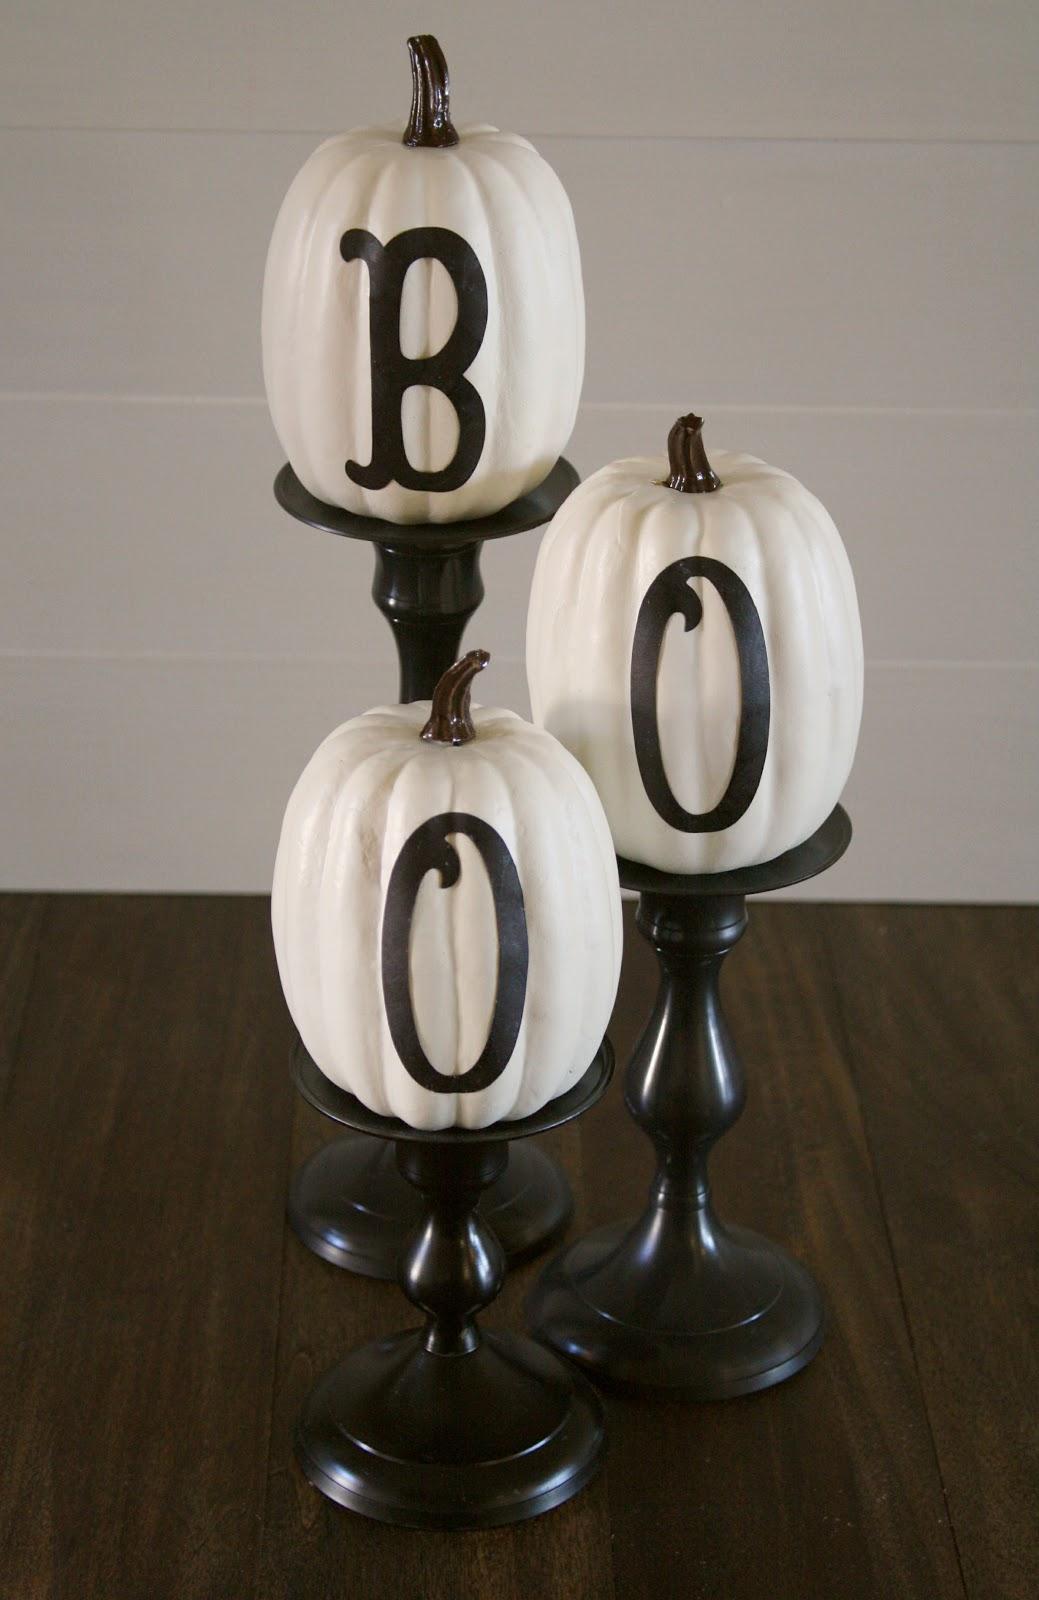 Diy indoor halloween decorations - 6 Stylish Letters Sweeten Pumpkins